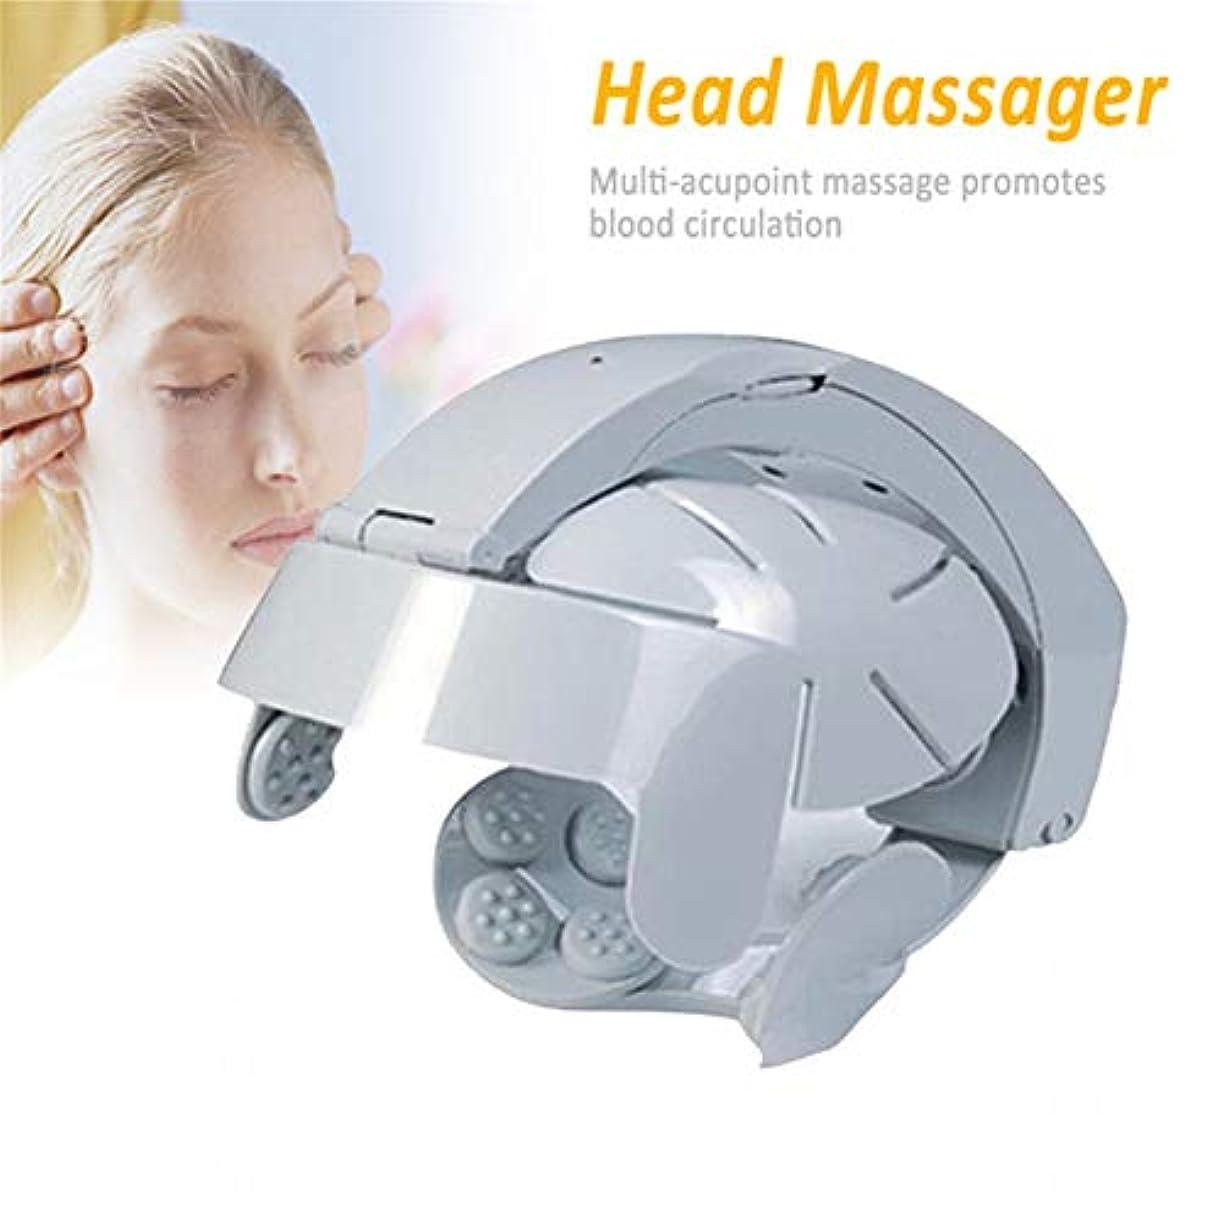 振り向く提供する優勢電動ヘッドマッサージ器指圧ヘルメットヘッドマッサージ器で振動を緩和ストレス神経刺激を緩和して頭痛を和らげます